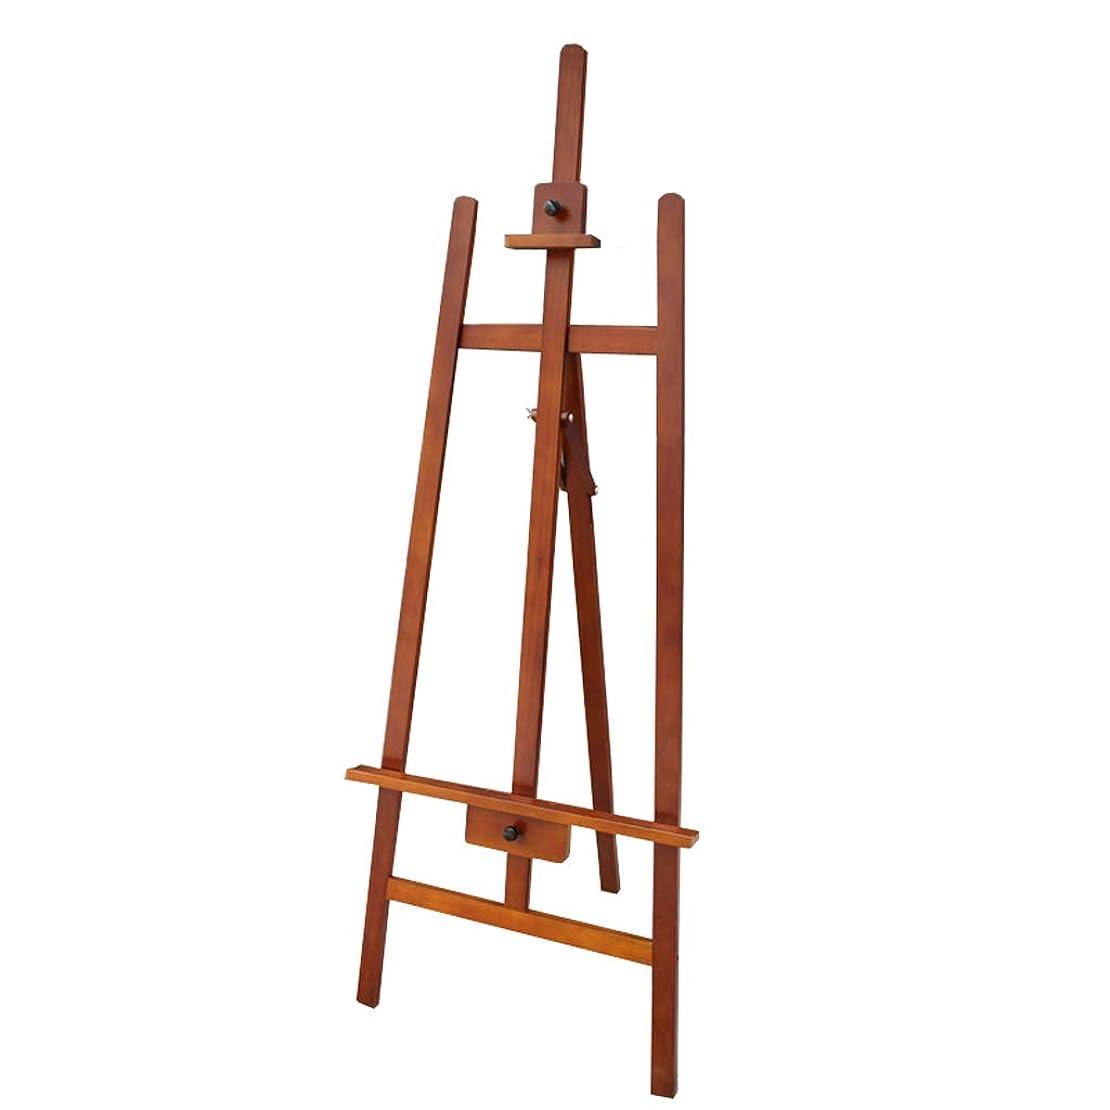 ウルル侵略活発HBJP 純木の調節可能なイーゼル、学生はスケッチに出かけます、芸術の陳列台は166cmの高さです、2色は任意です イーゼル (色 : Red maroon)